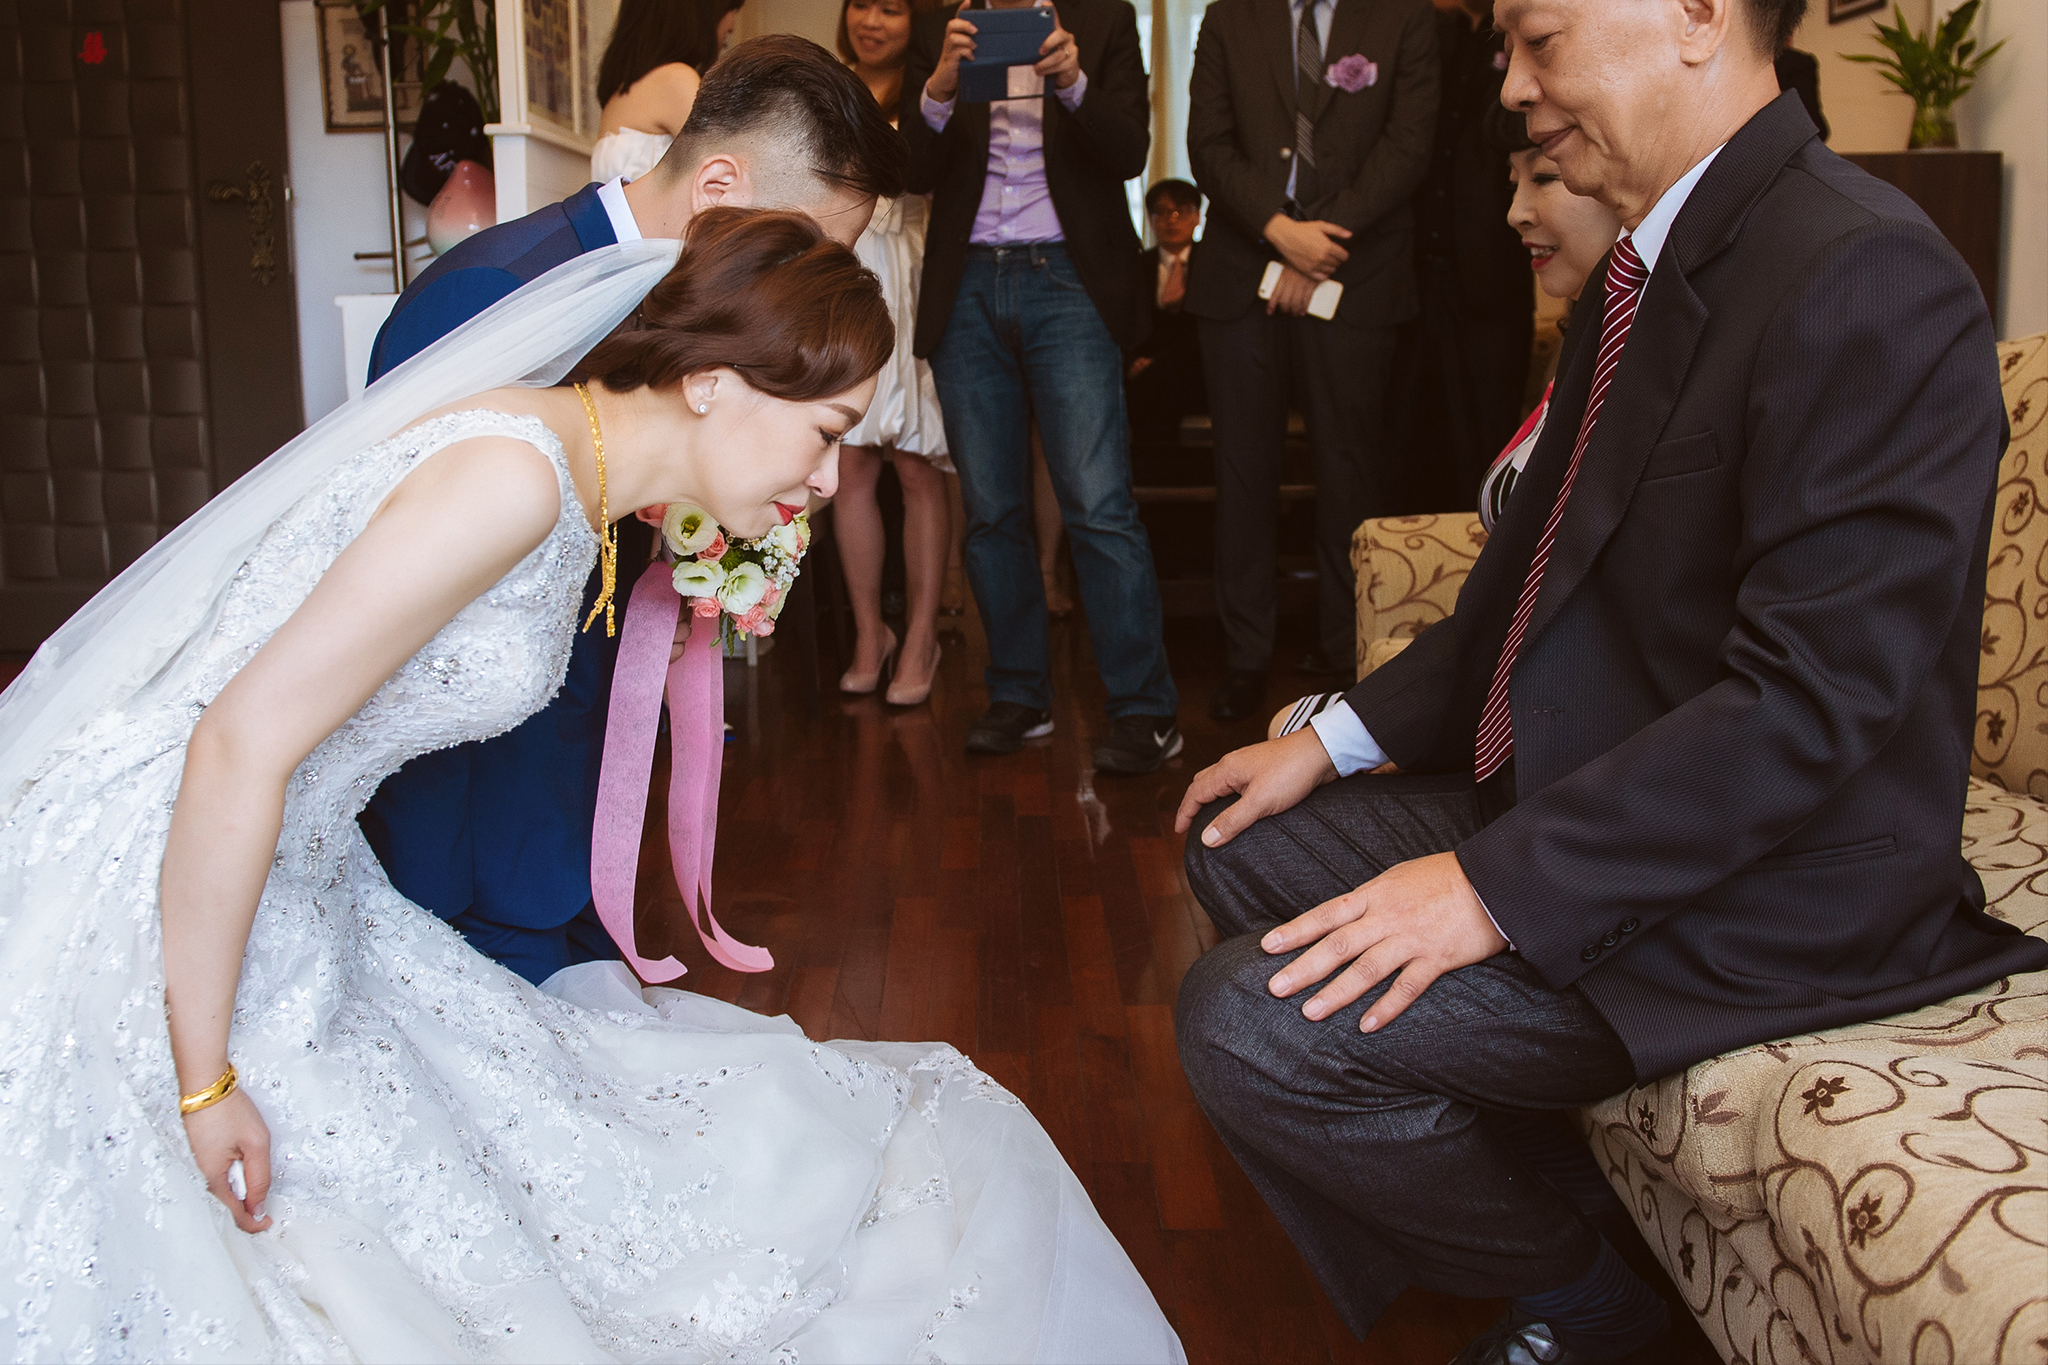 台北婚攝, 婚攝, 婚禮記錄, 新祕, 結婚, 自助婚紗, 訂婚, 艾文, 婚禮拍照, 婚禮平面攝影師, 北部婚攝, 艾文婚禮記錄, 婚禮, 婚紗, 儀式, 婚攝推薦,www.ivanwed.com, 孕婦寫真